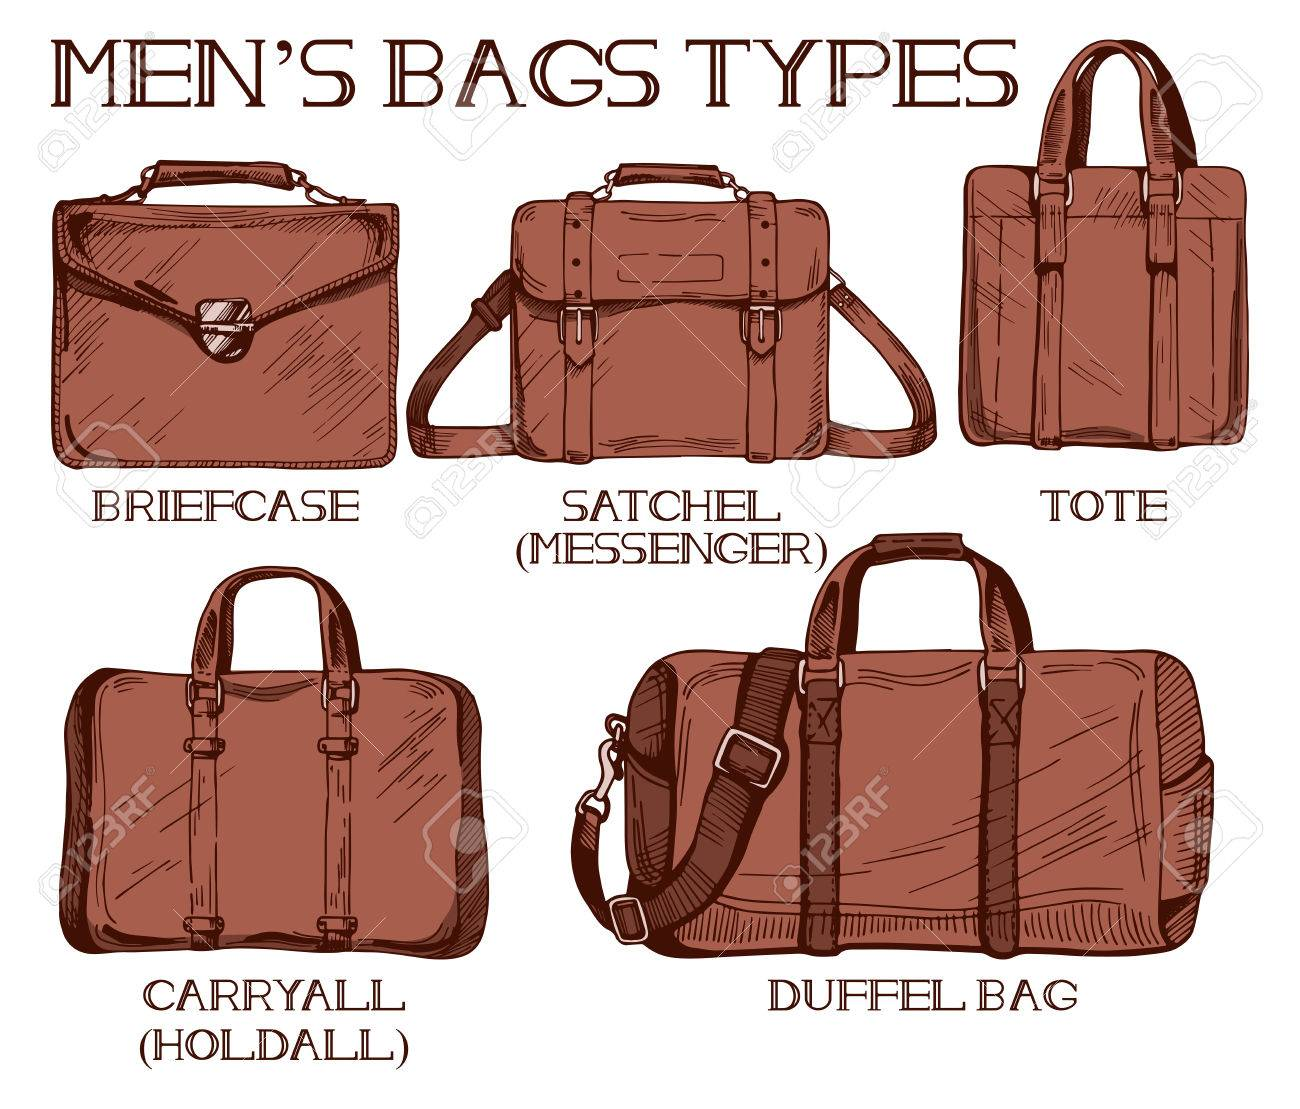 メンズのベクトル イラスト バッグ タイプ ブリーフケースかばんや